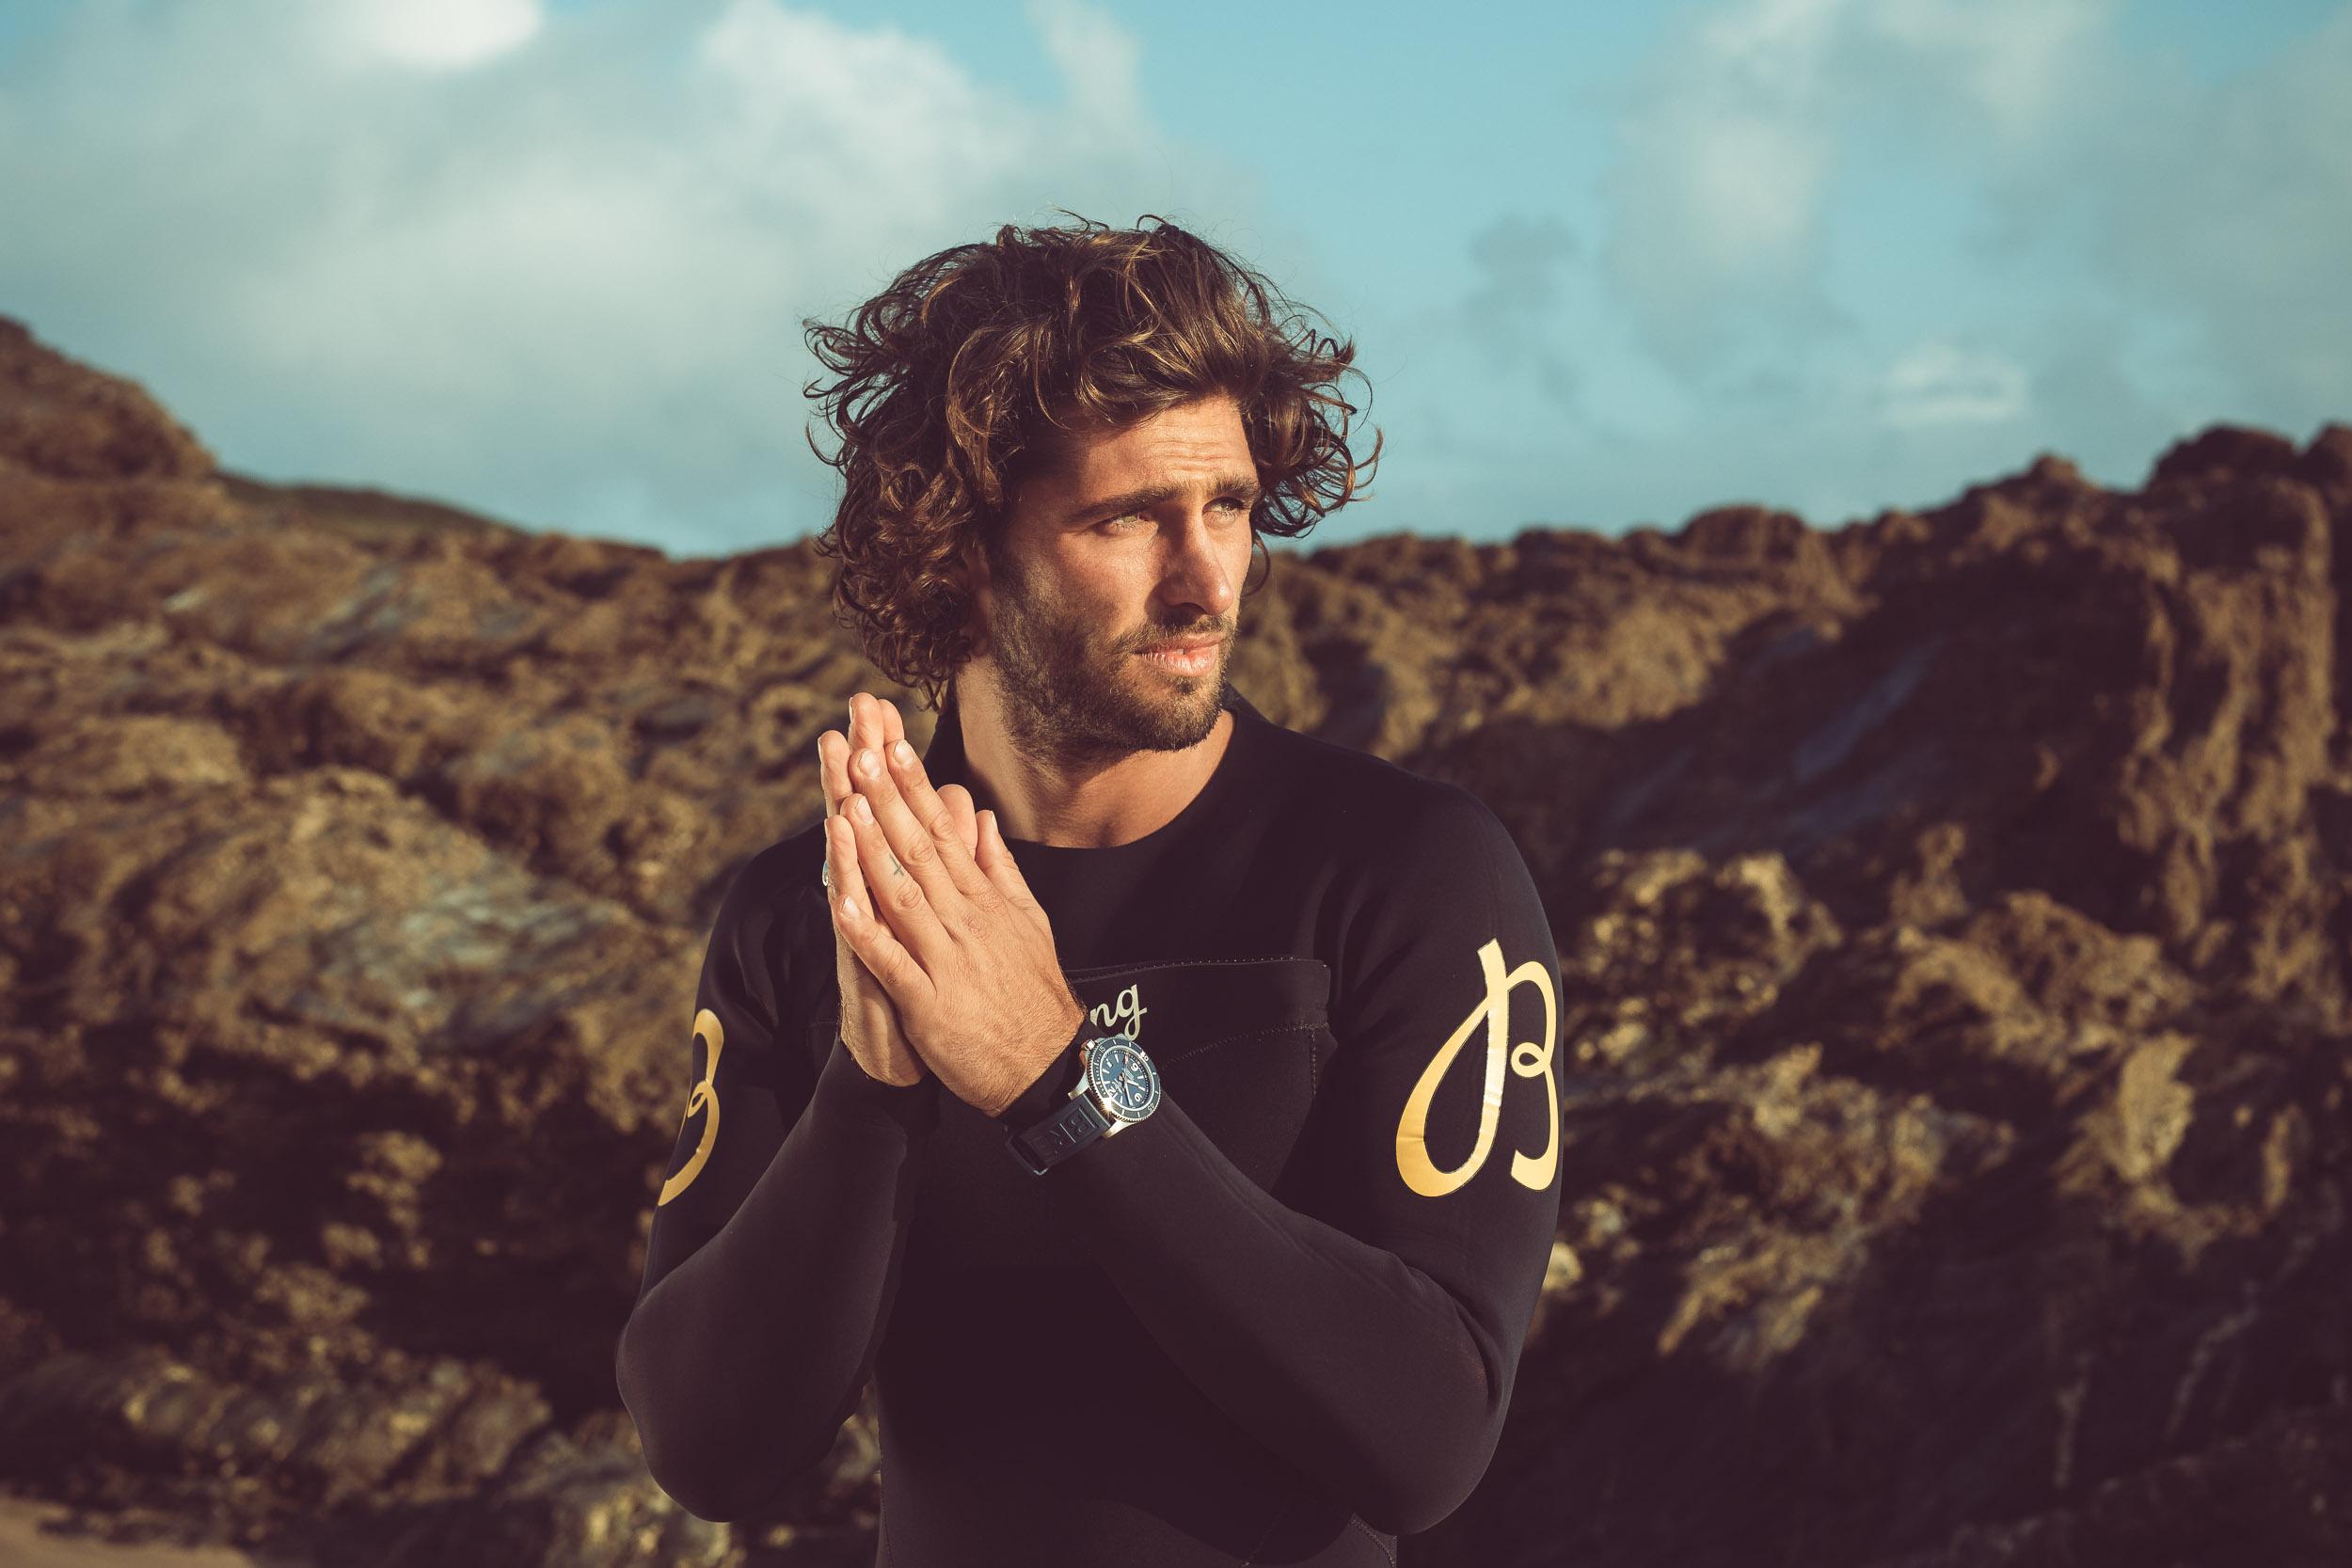 BREITLING-SURF-Finn-Beales-12.jpg